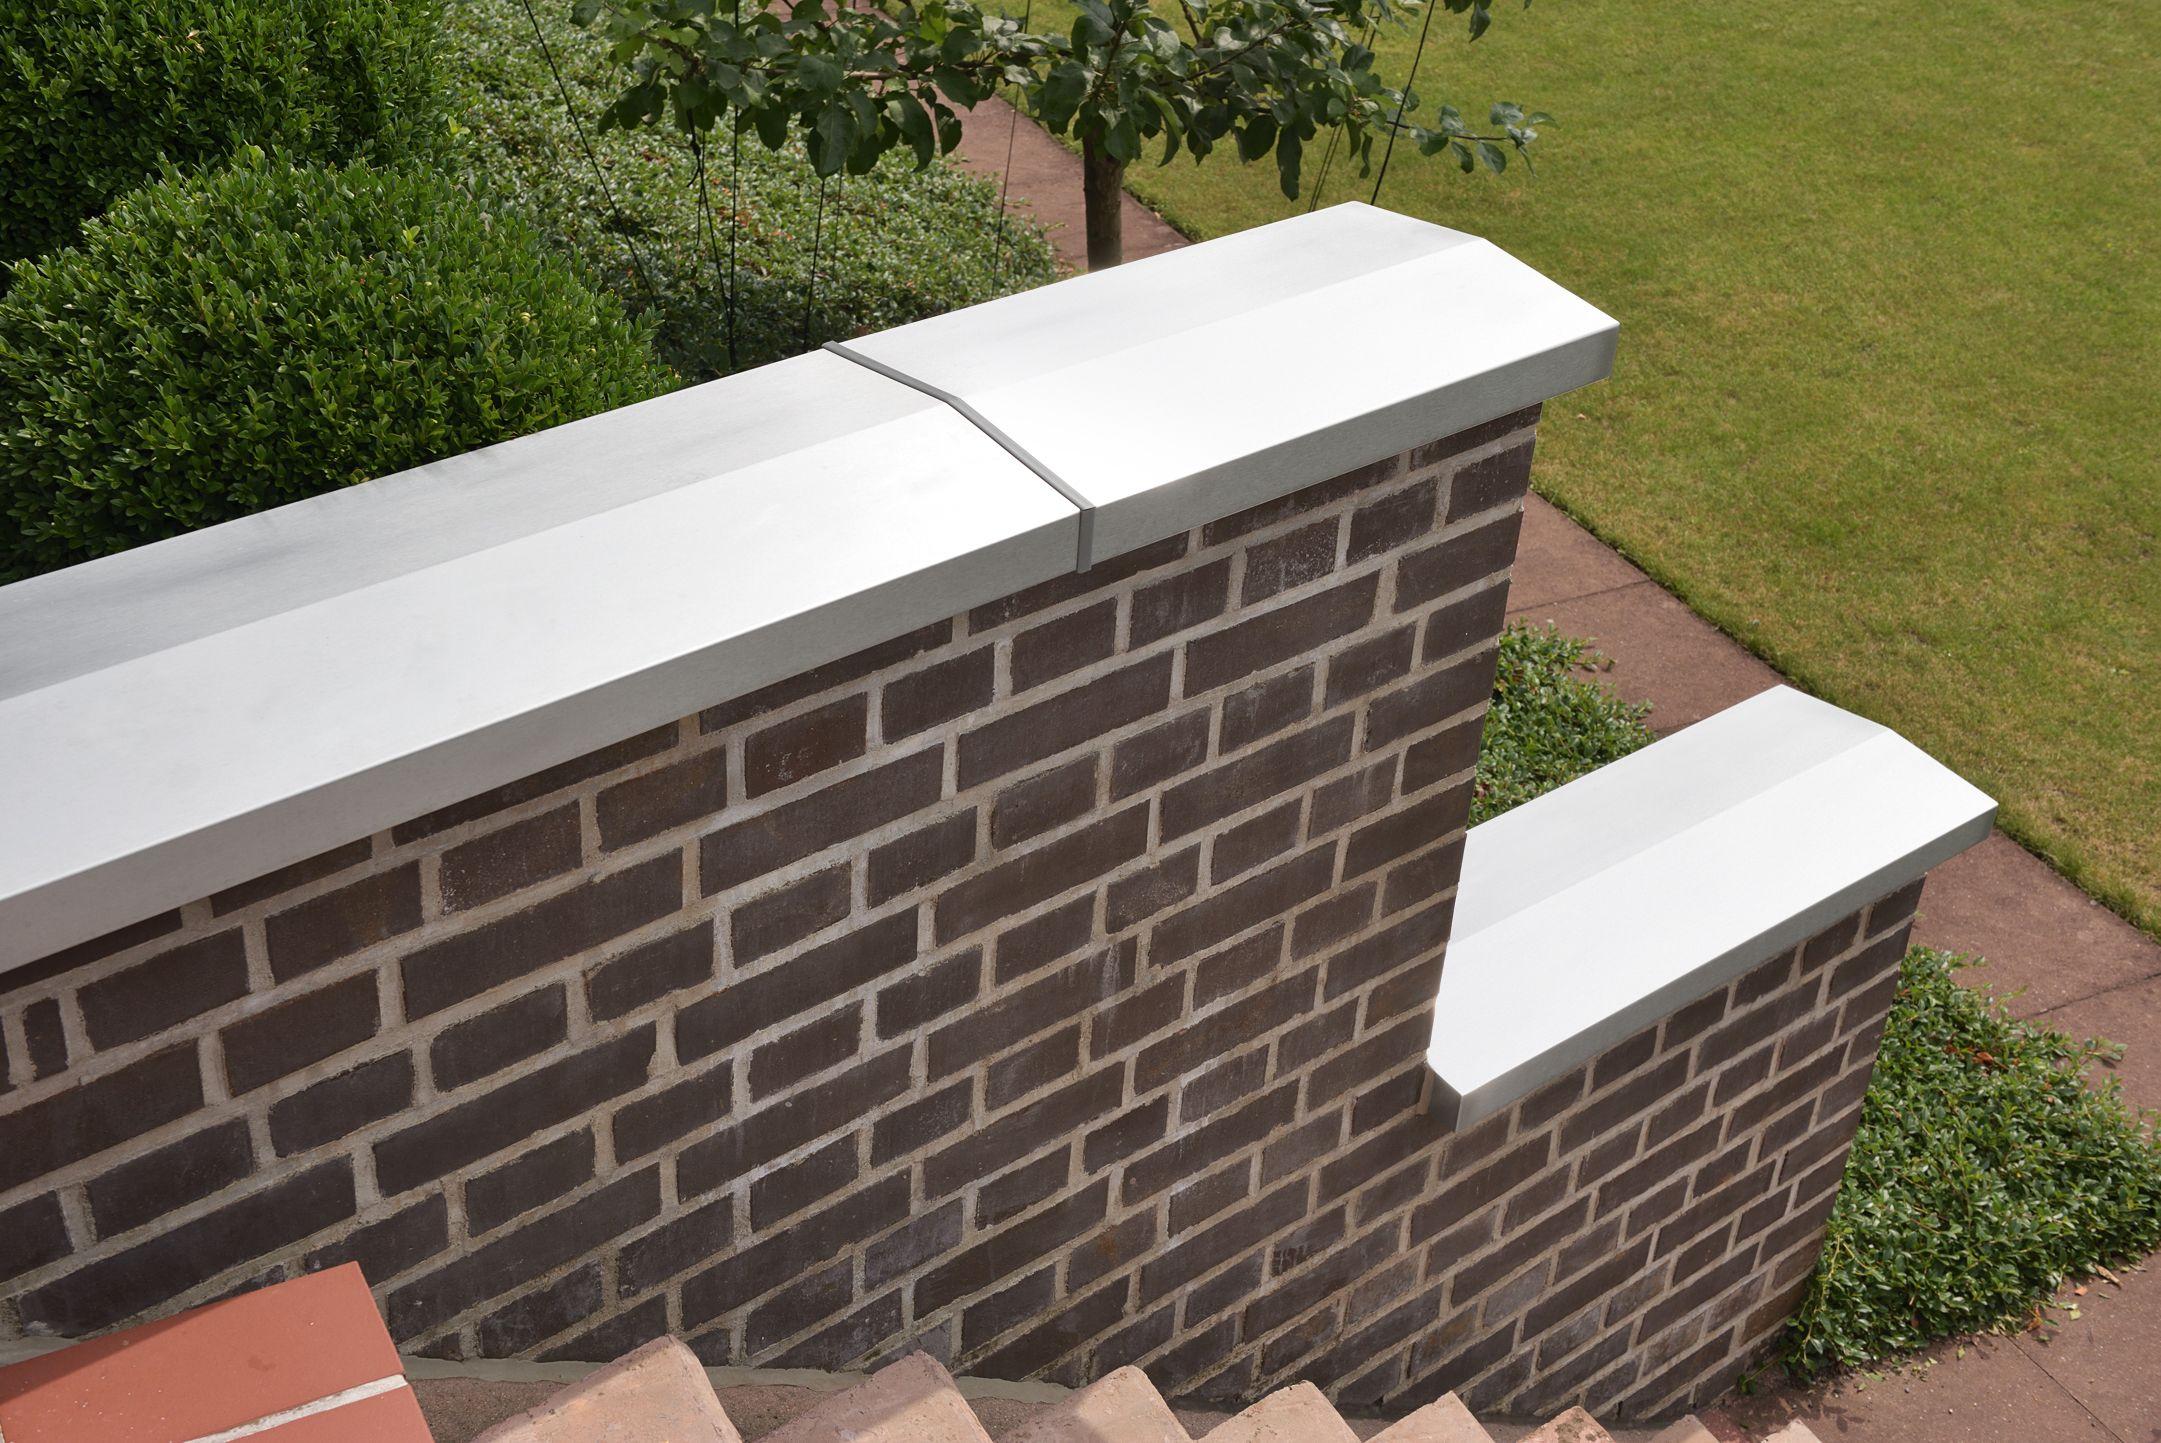 Mauerabdeckung Satteldach aus Edelstahl mit Betonkern